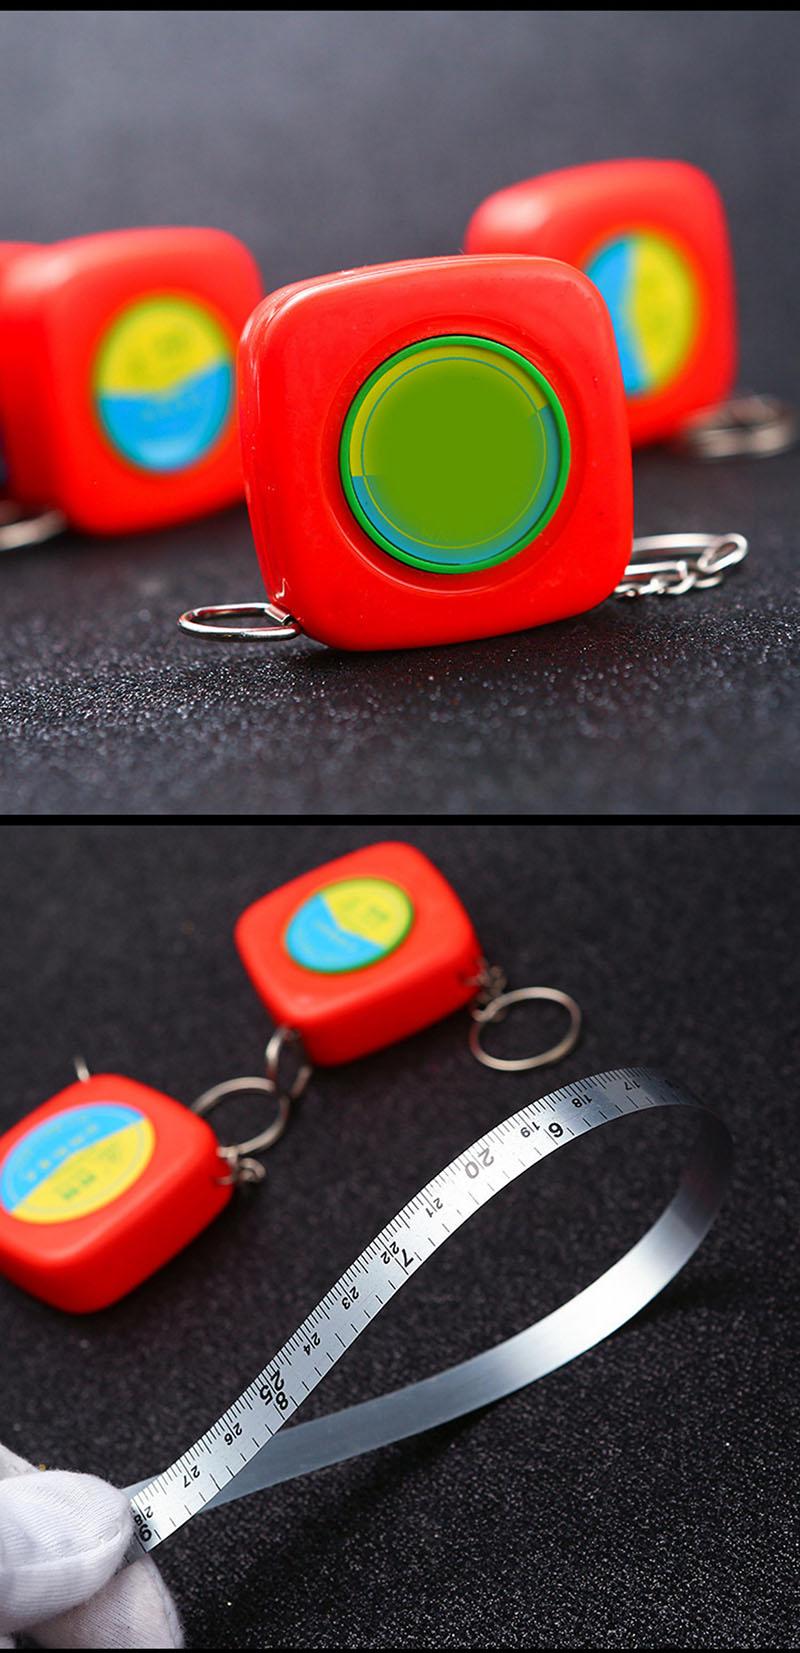 Cinta métrica personalizada al por mayor de la medida del cuerpo de las cintas métricas de la cerradura del empuje de los 2m del logotipo de encargo al por mayor